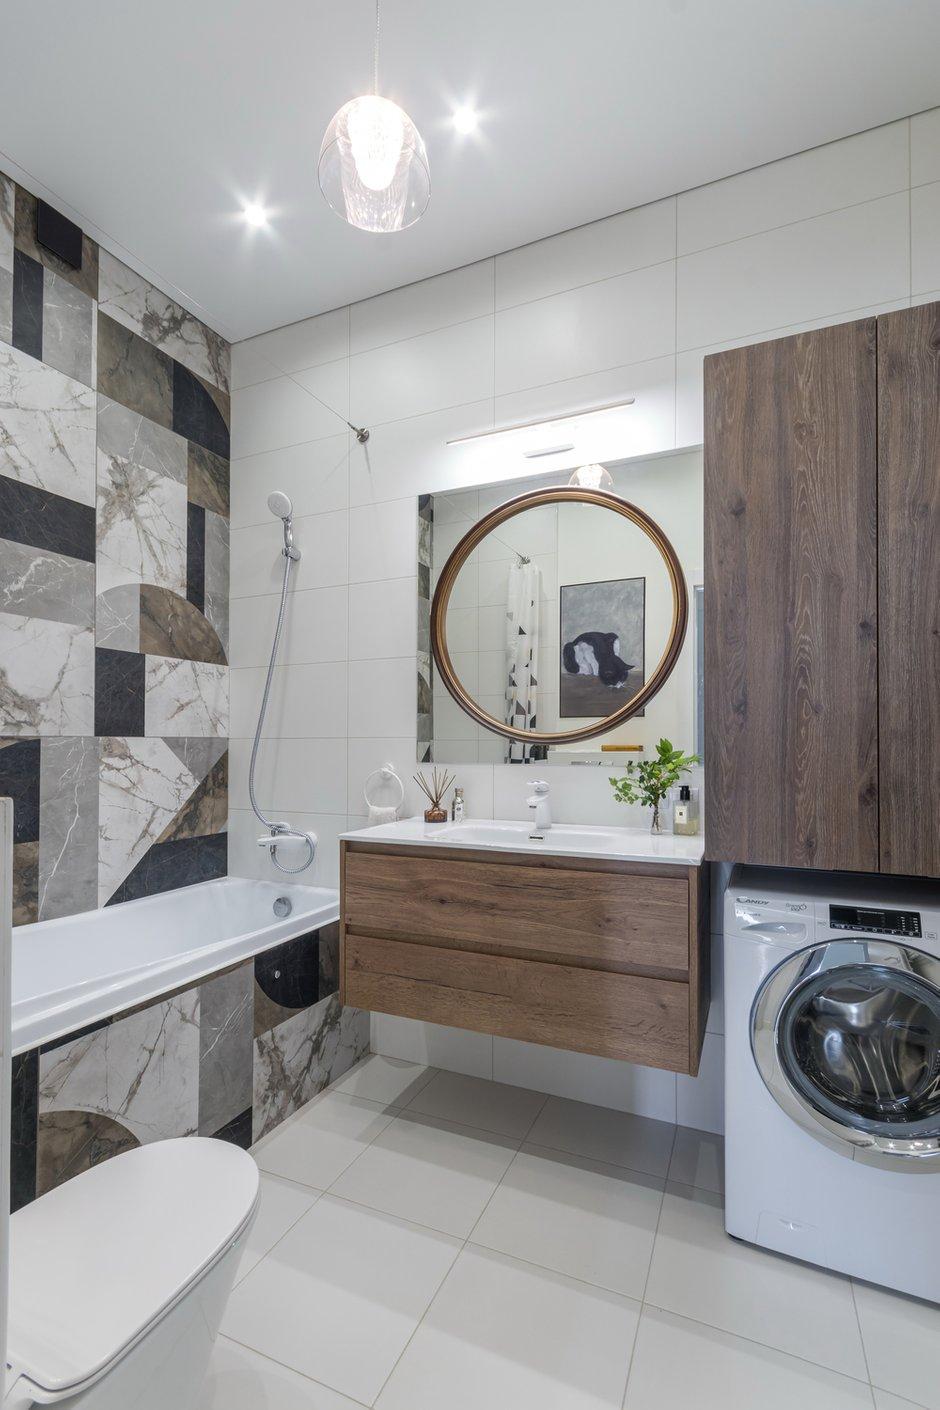 Фотография: Ванная в стиле Современный, Квартира, Проект недели, Москва, 2 комнаты, 40-60 метров, Александра Частова – фото на INMYROOM